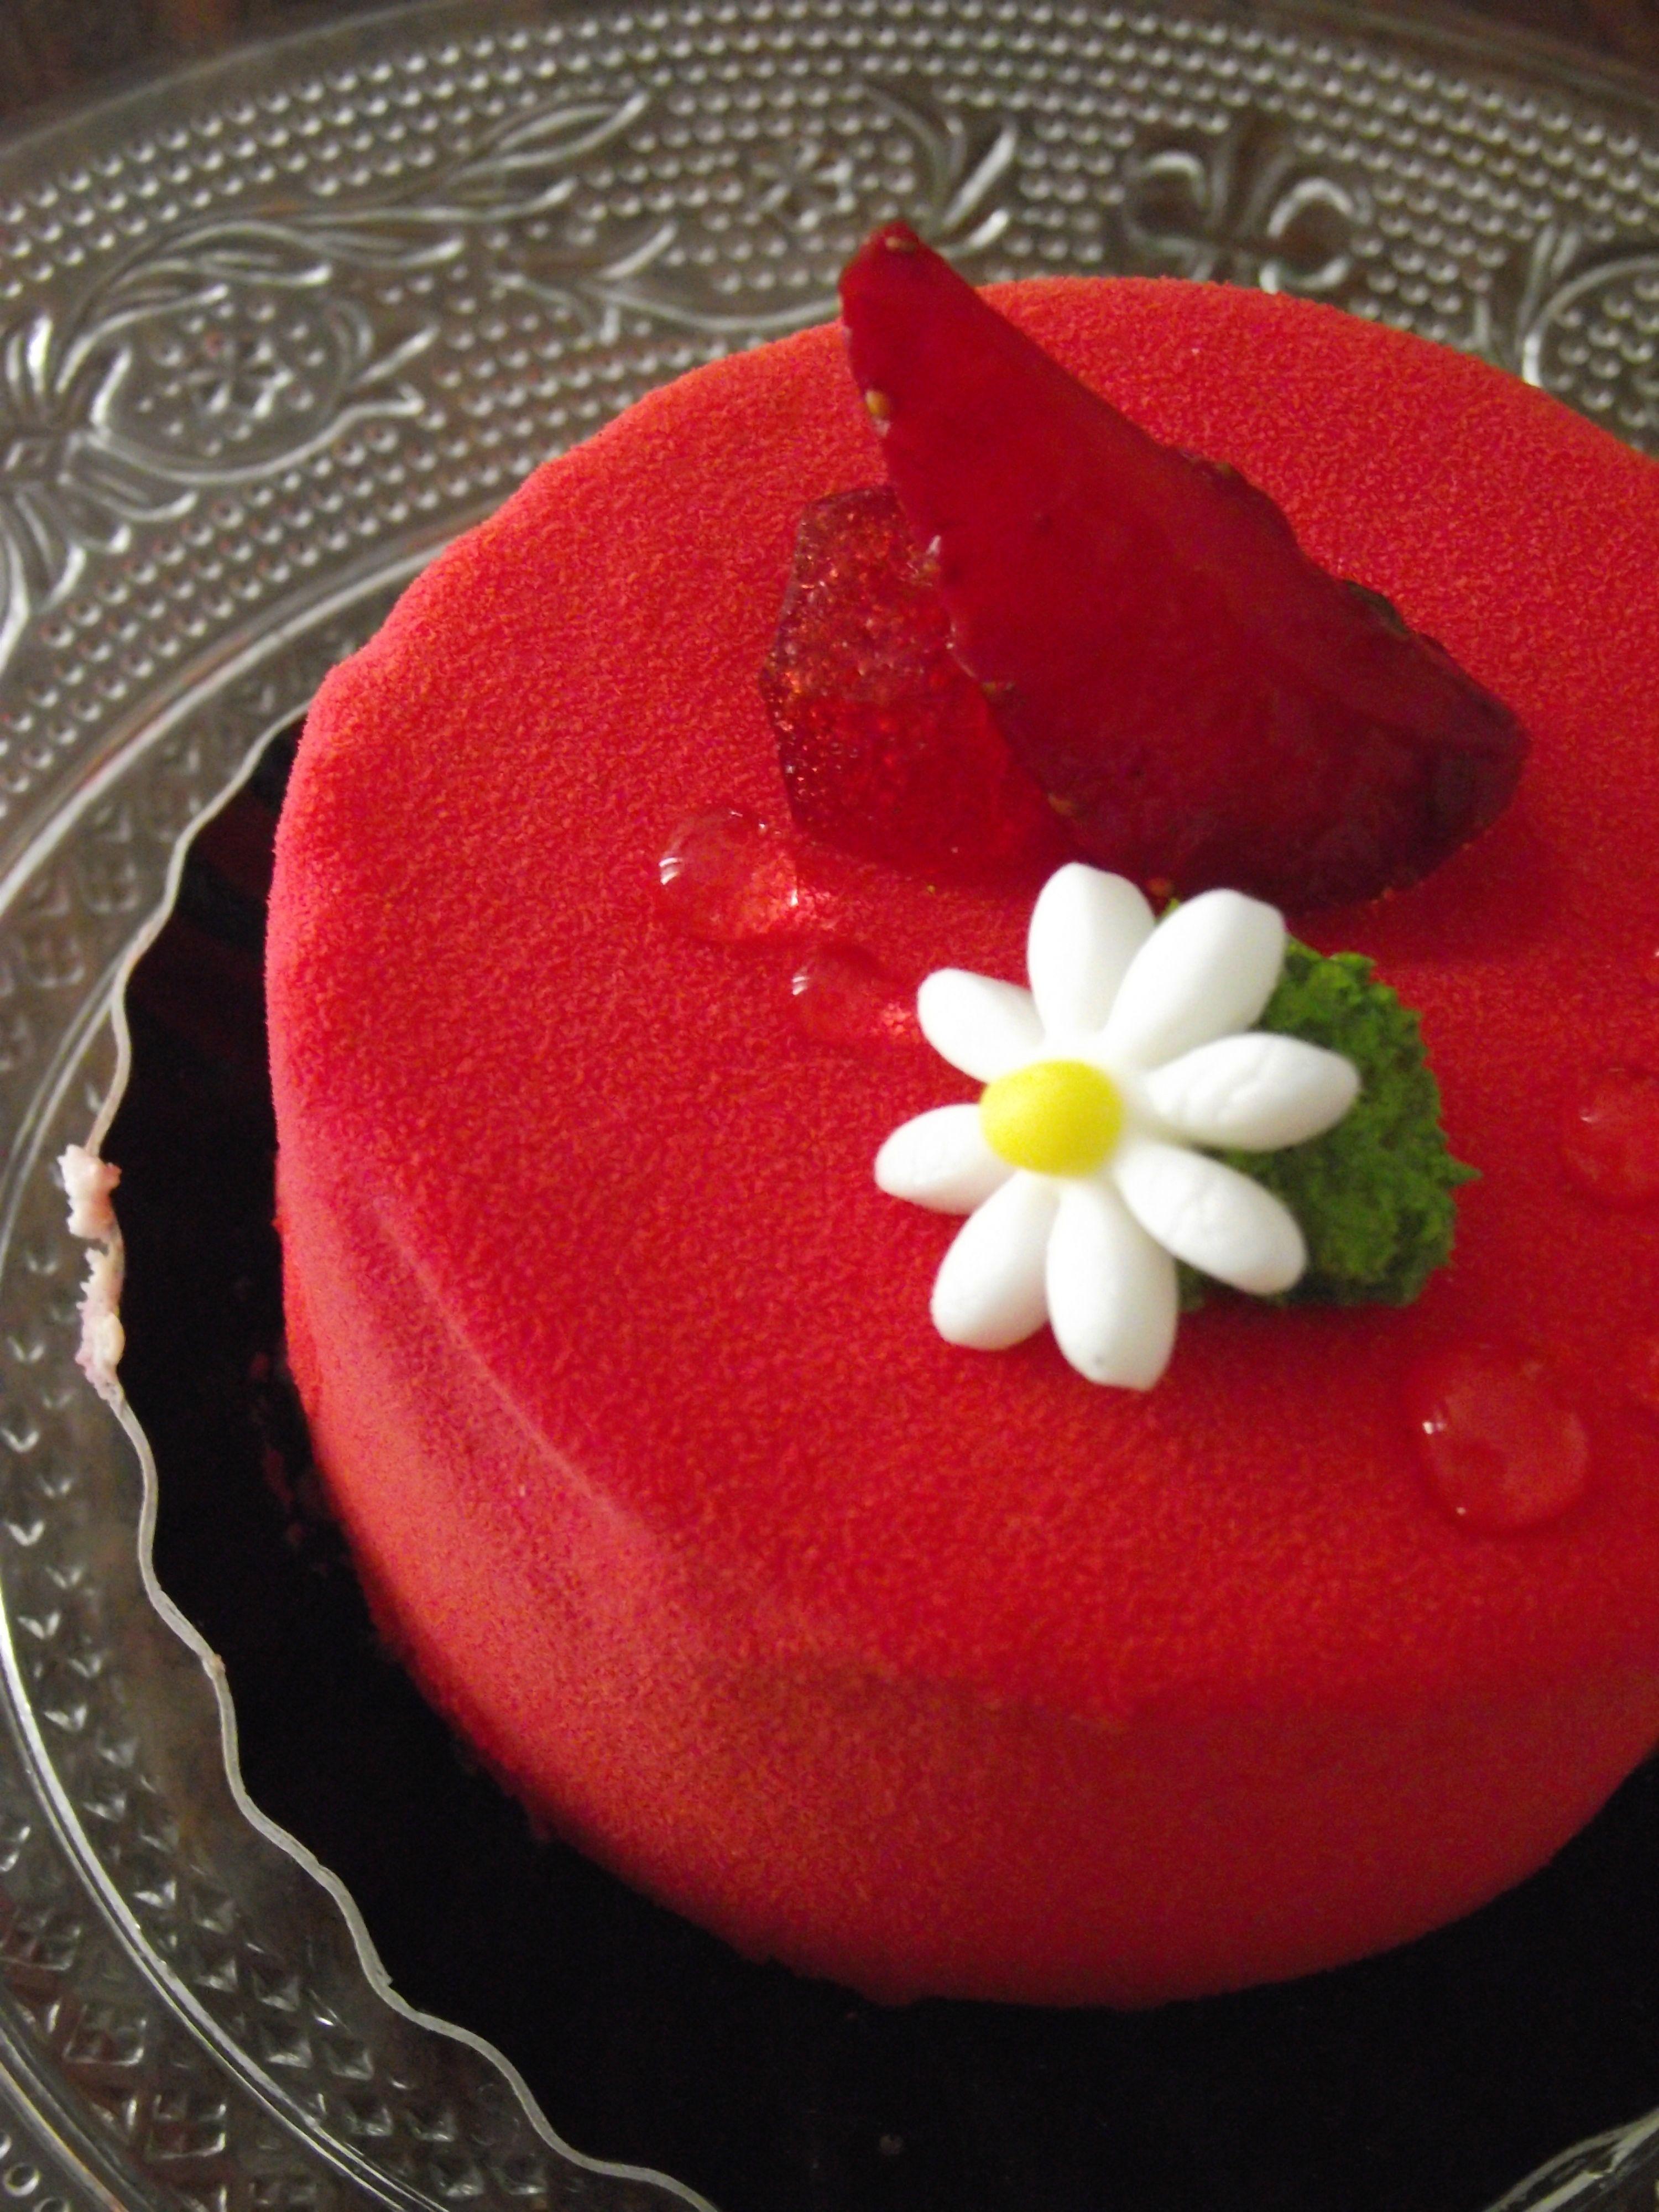 Recette De Fraisier De Cyril Lignac fraisiercyril lignac   chef cyril lignac (pastry)   pinterest